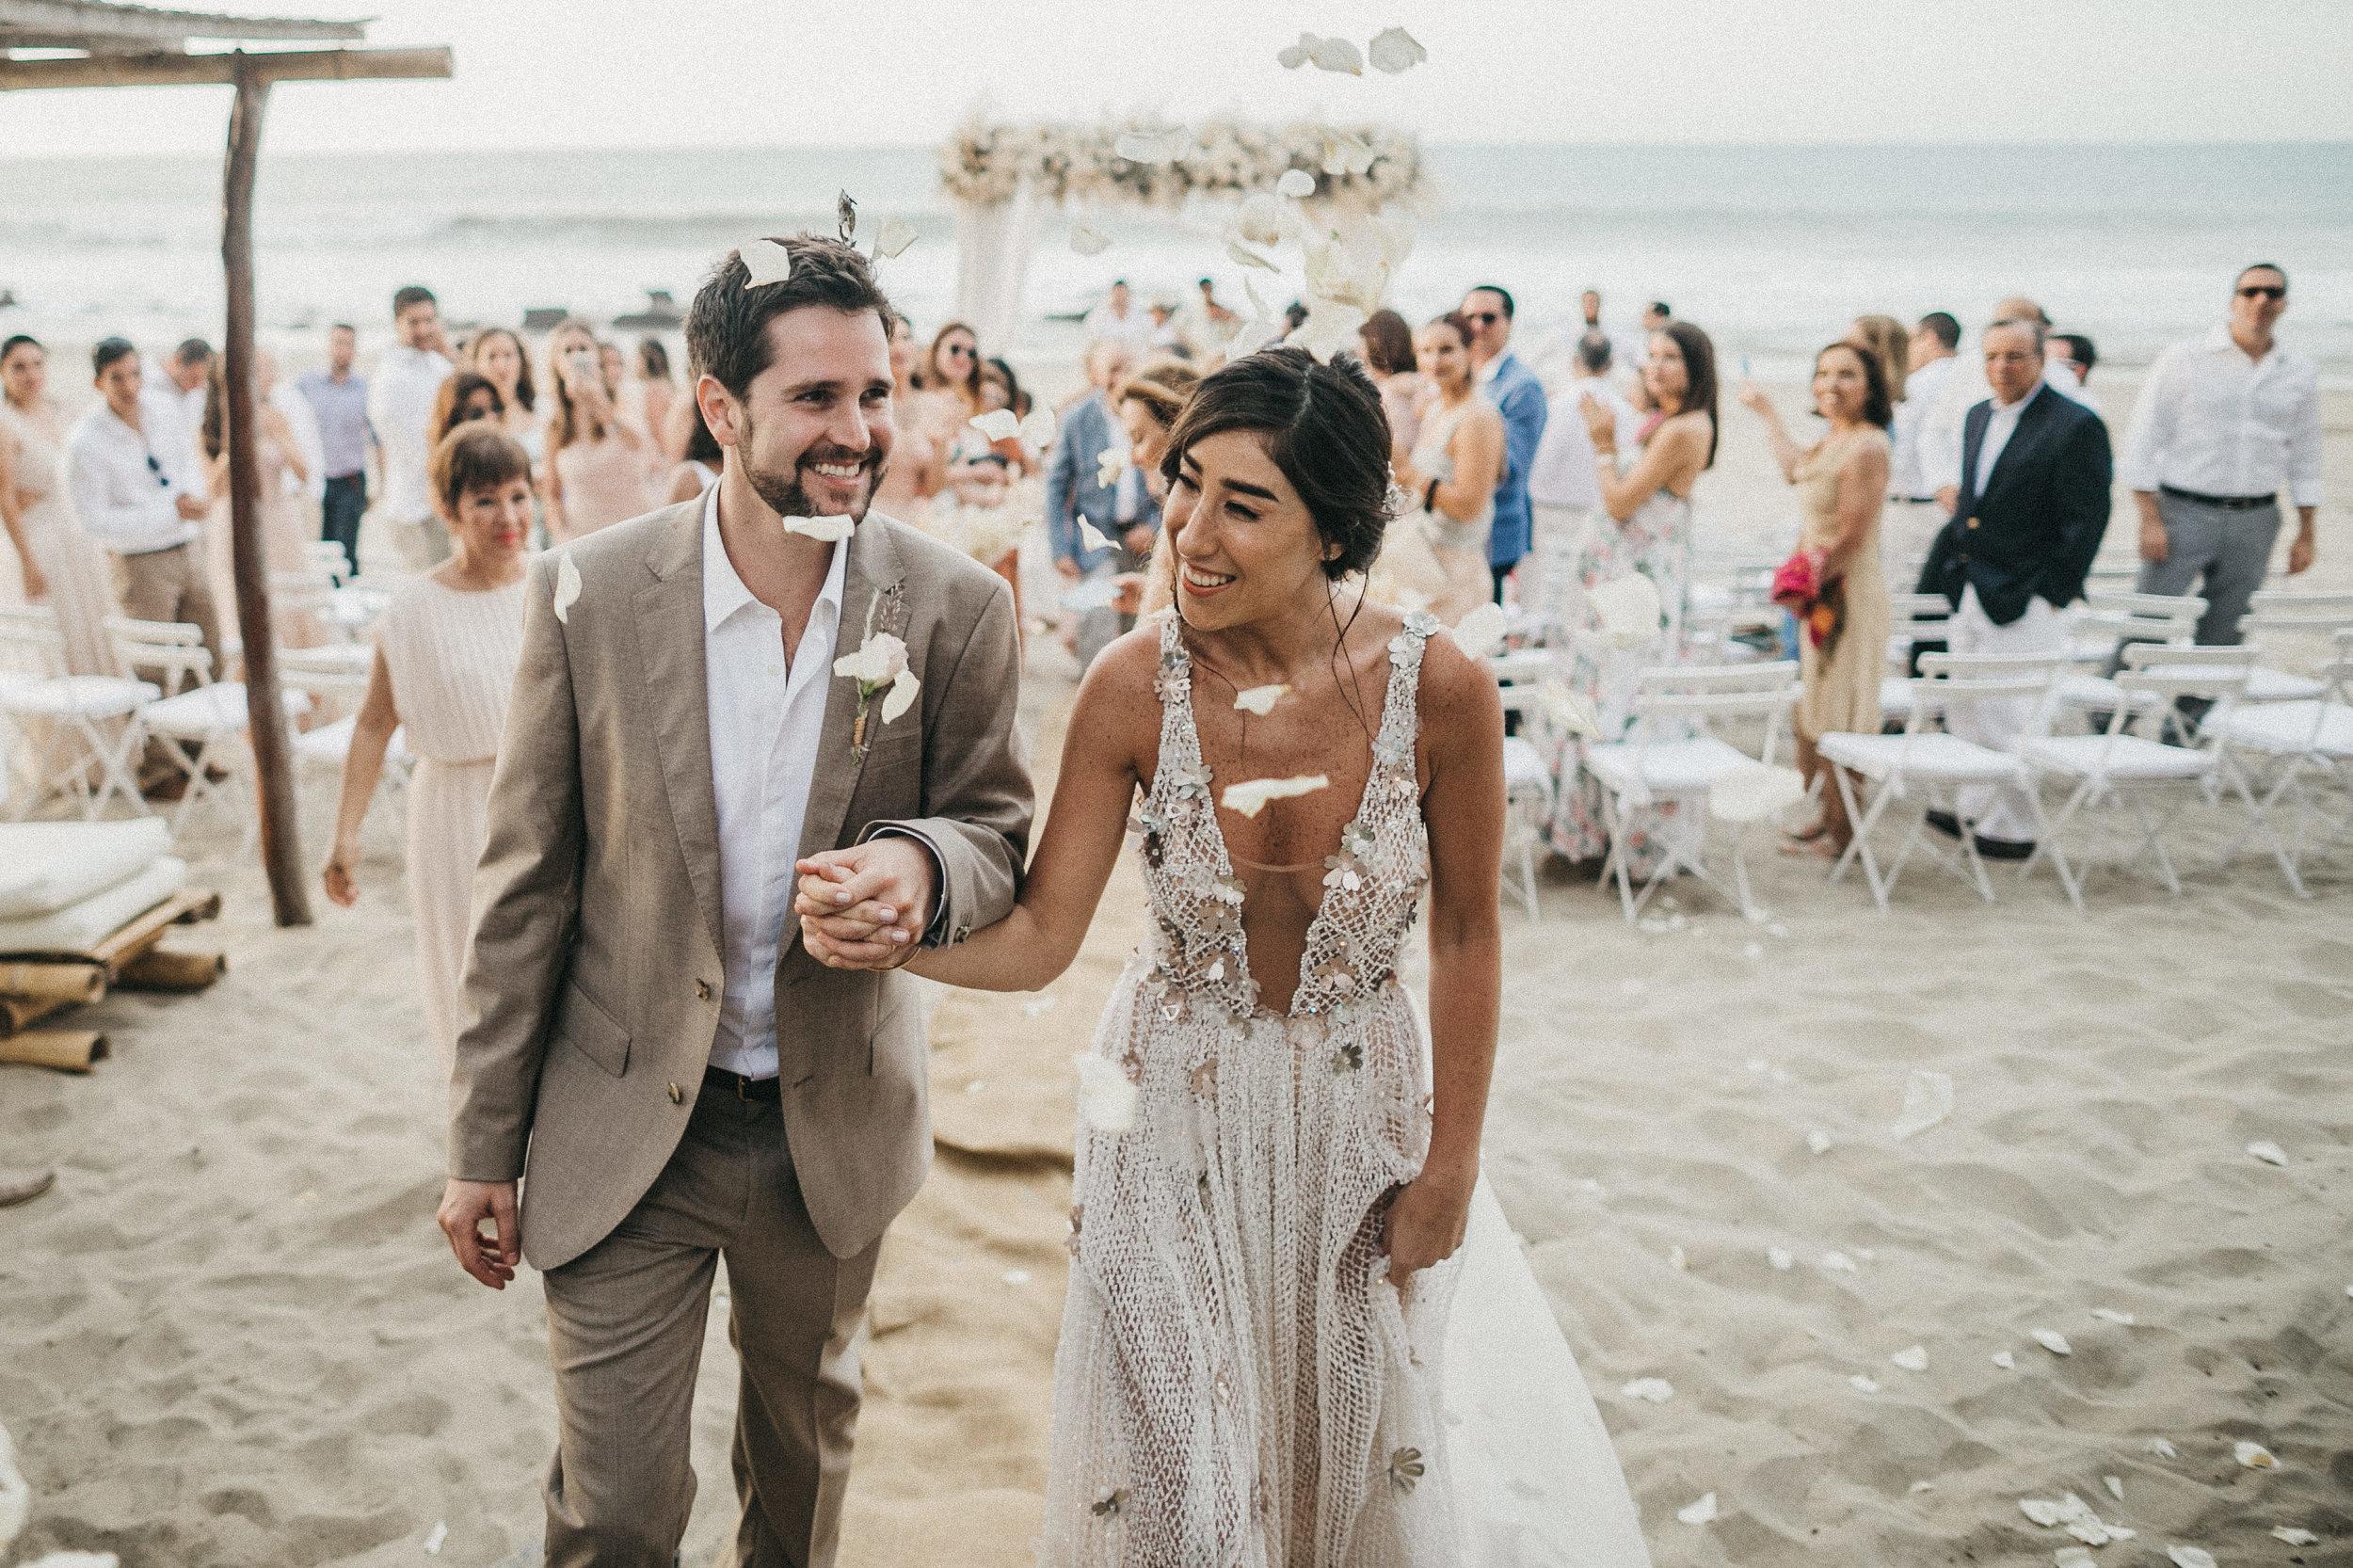 Fotografo de bodas españa serafin castillo wedding photographer spain 064.jpg